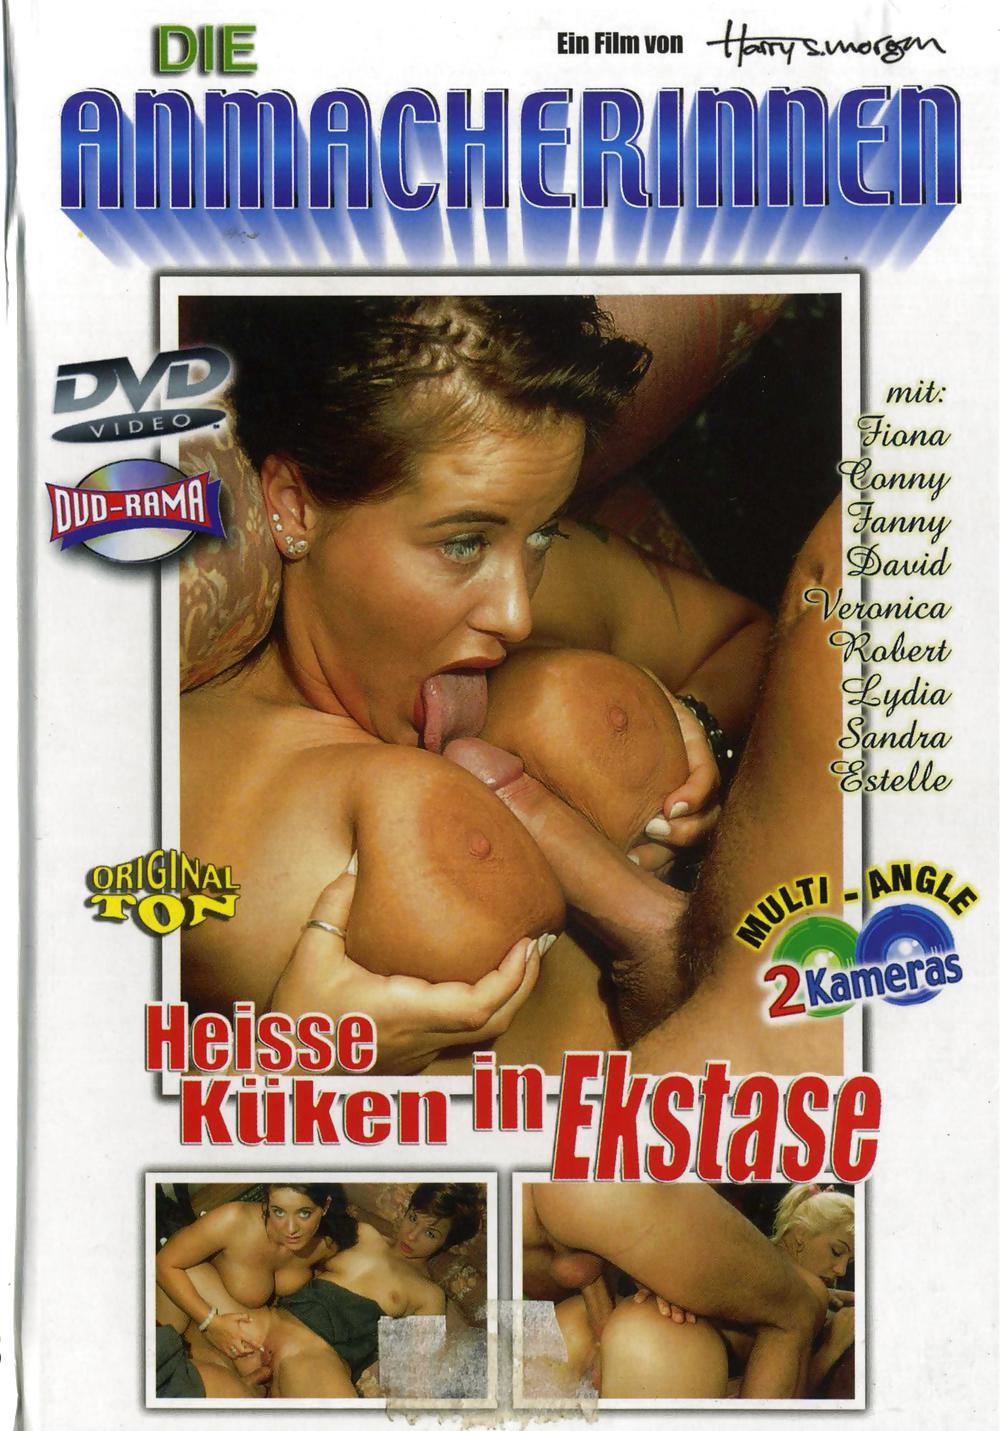 список немецких порнофильмов получение новых записей